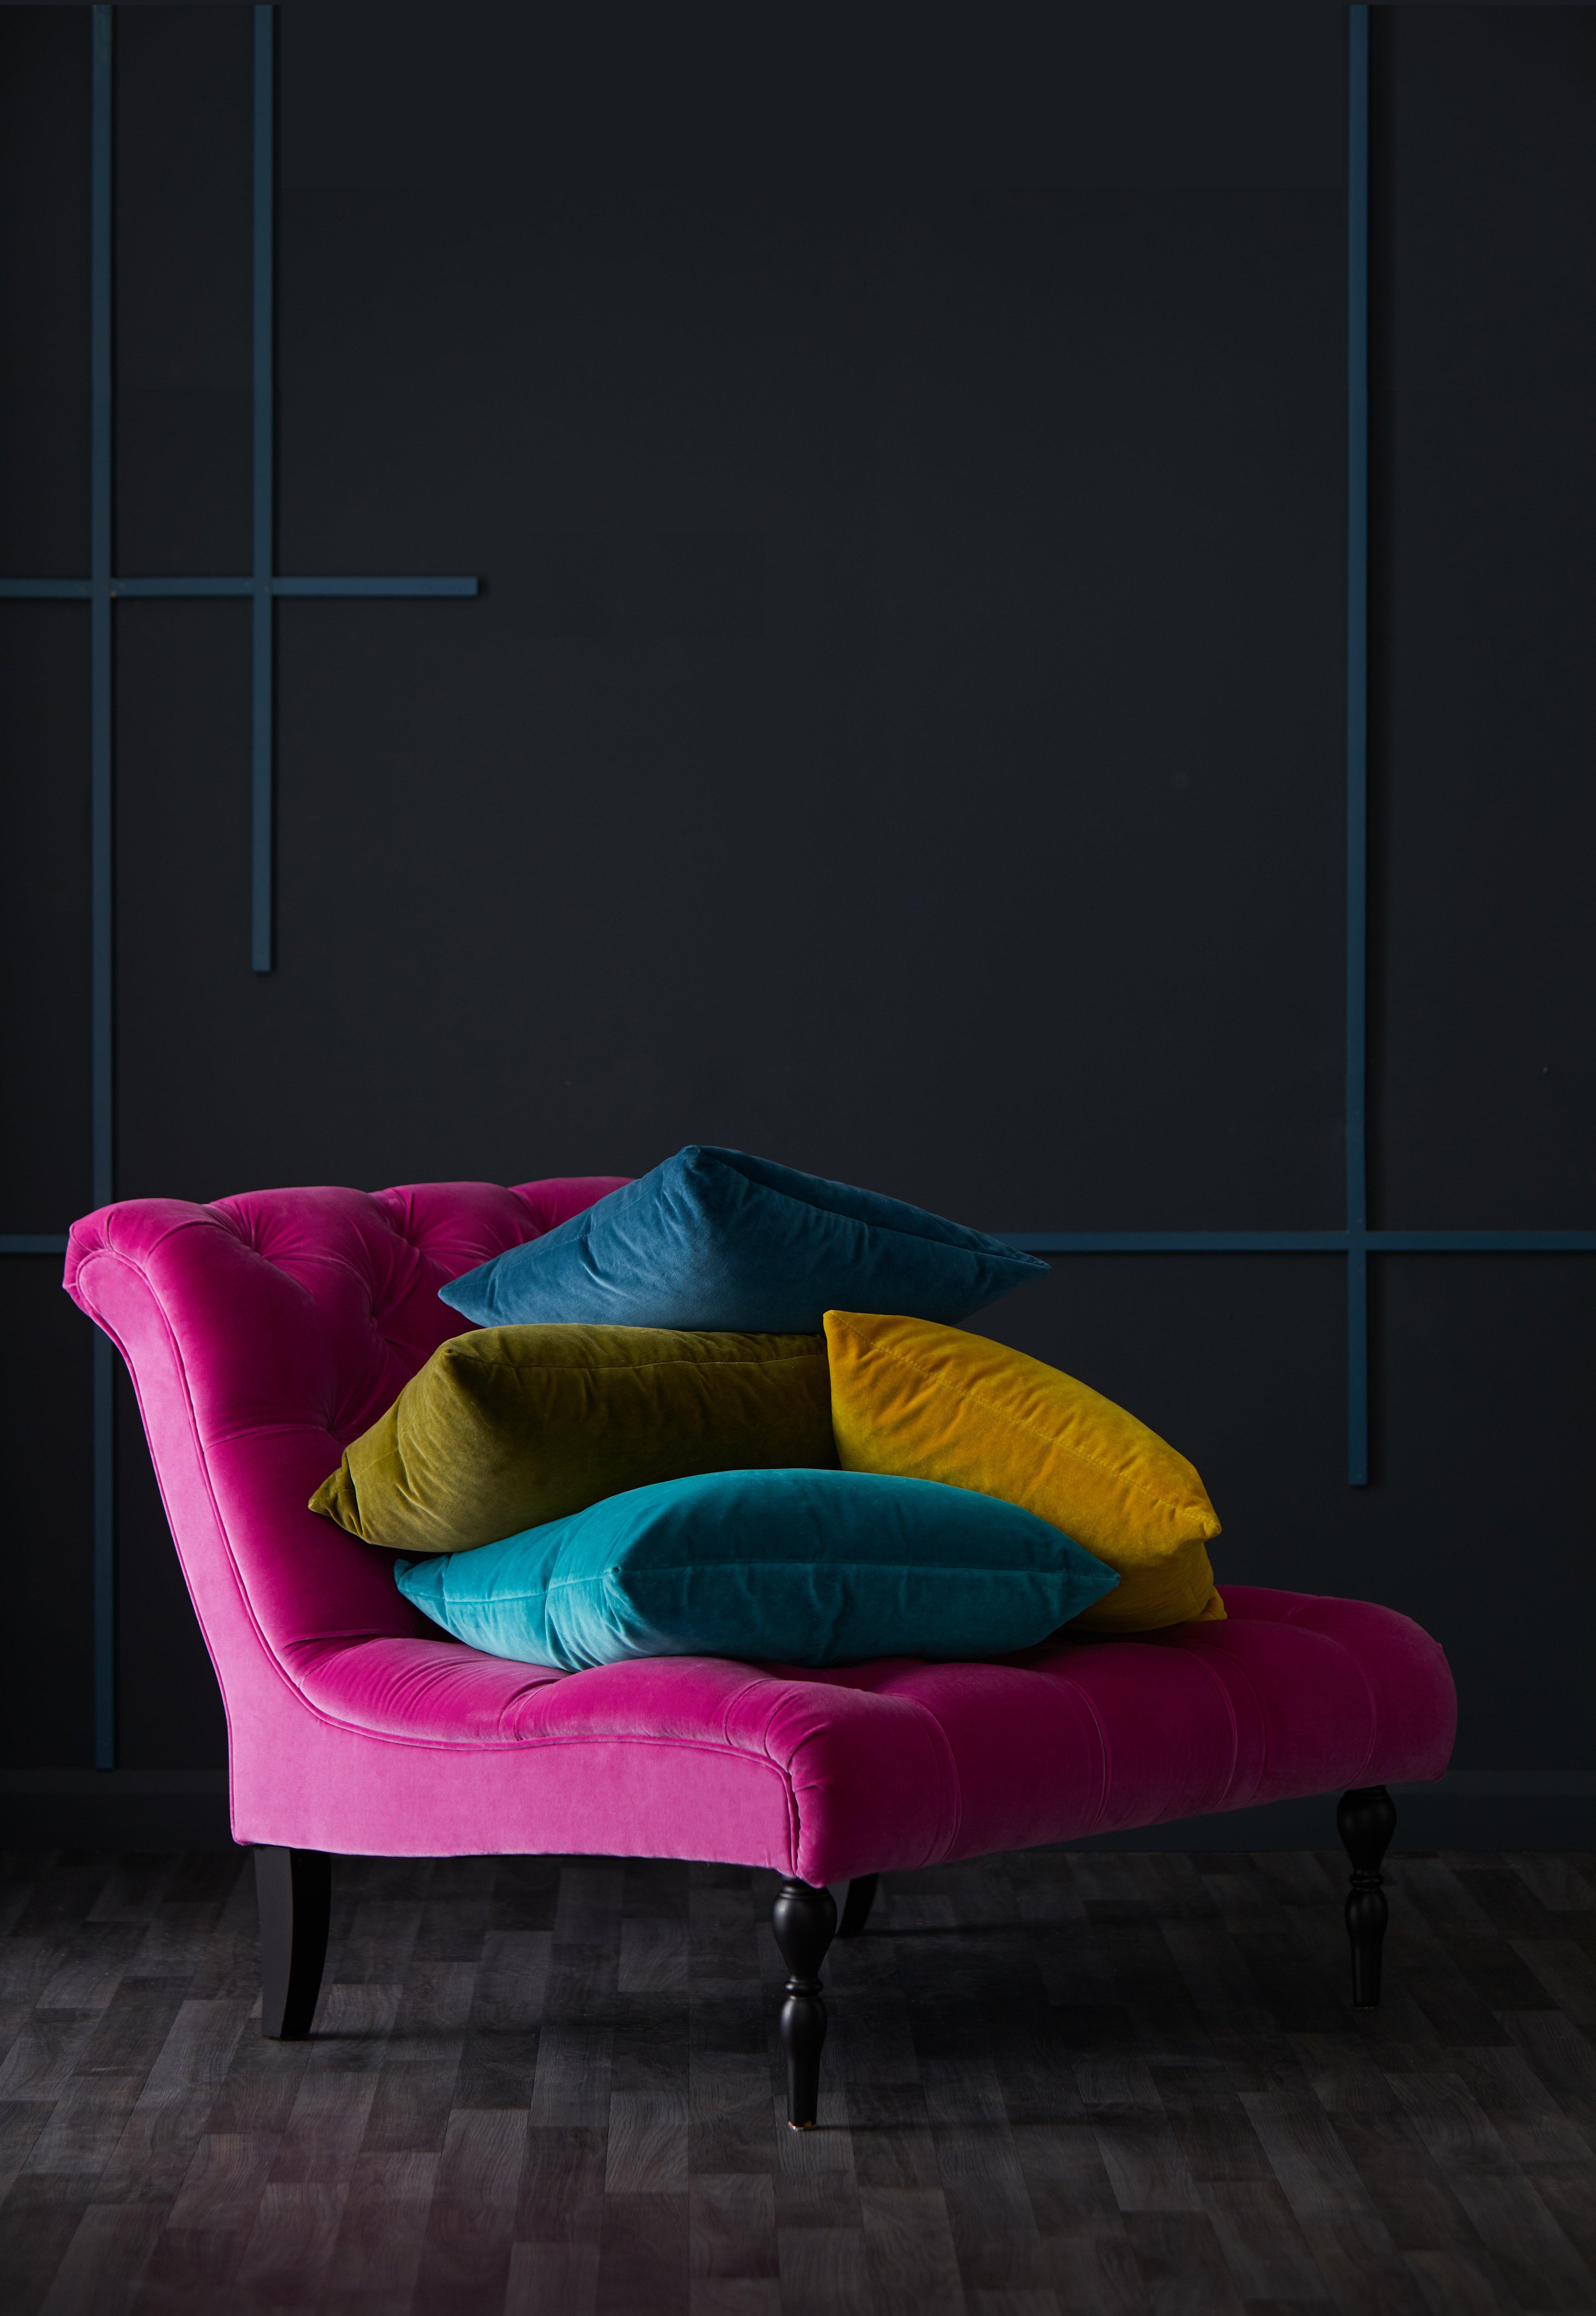 Velvet_Cushions_Port_10911_HR_retouch